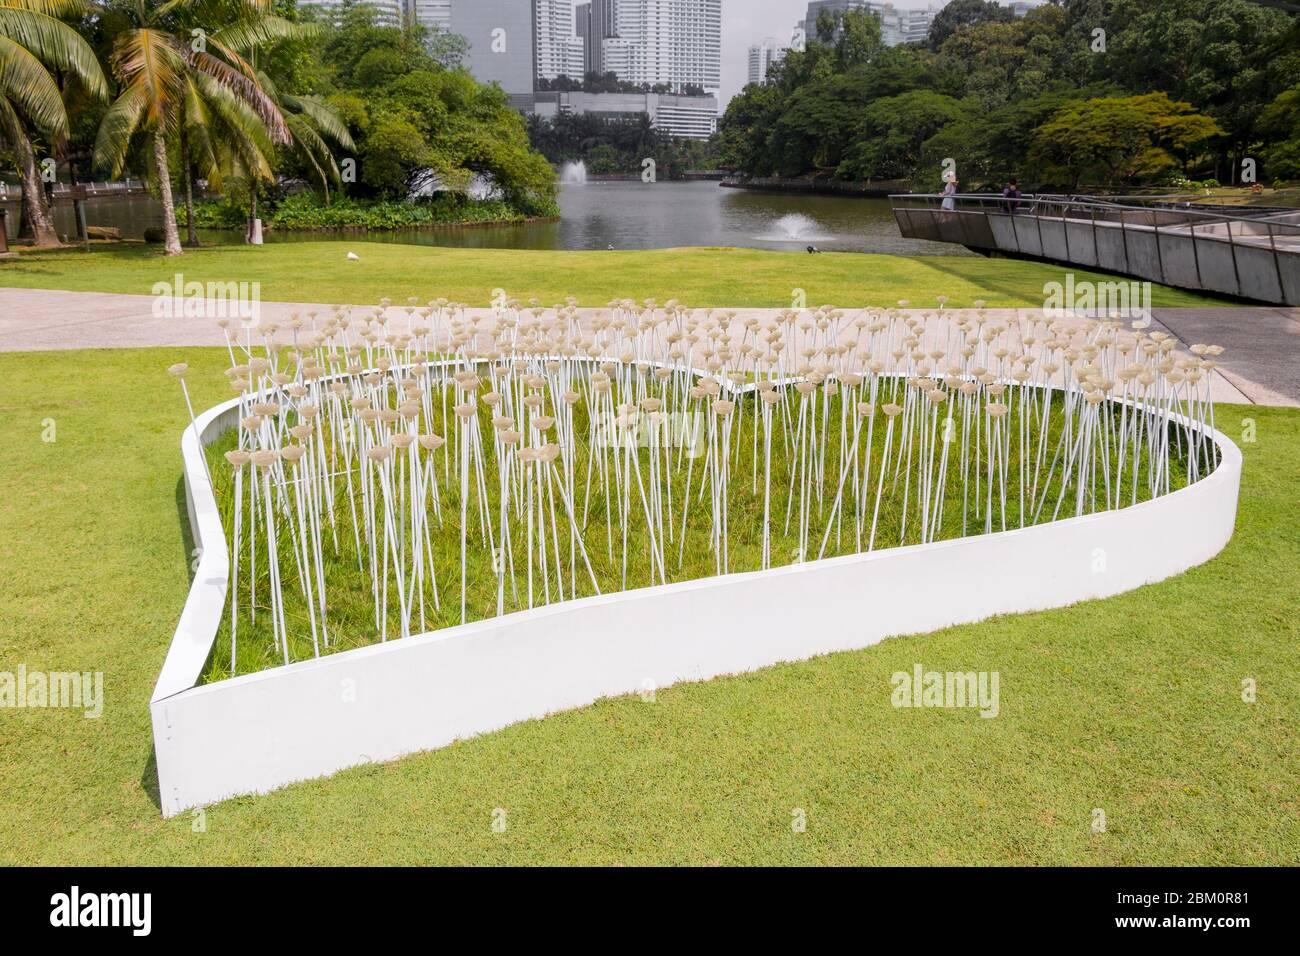 Romantische Gartengestaltung Stockfotos und bilder Kaufen